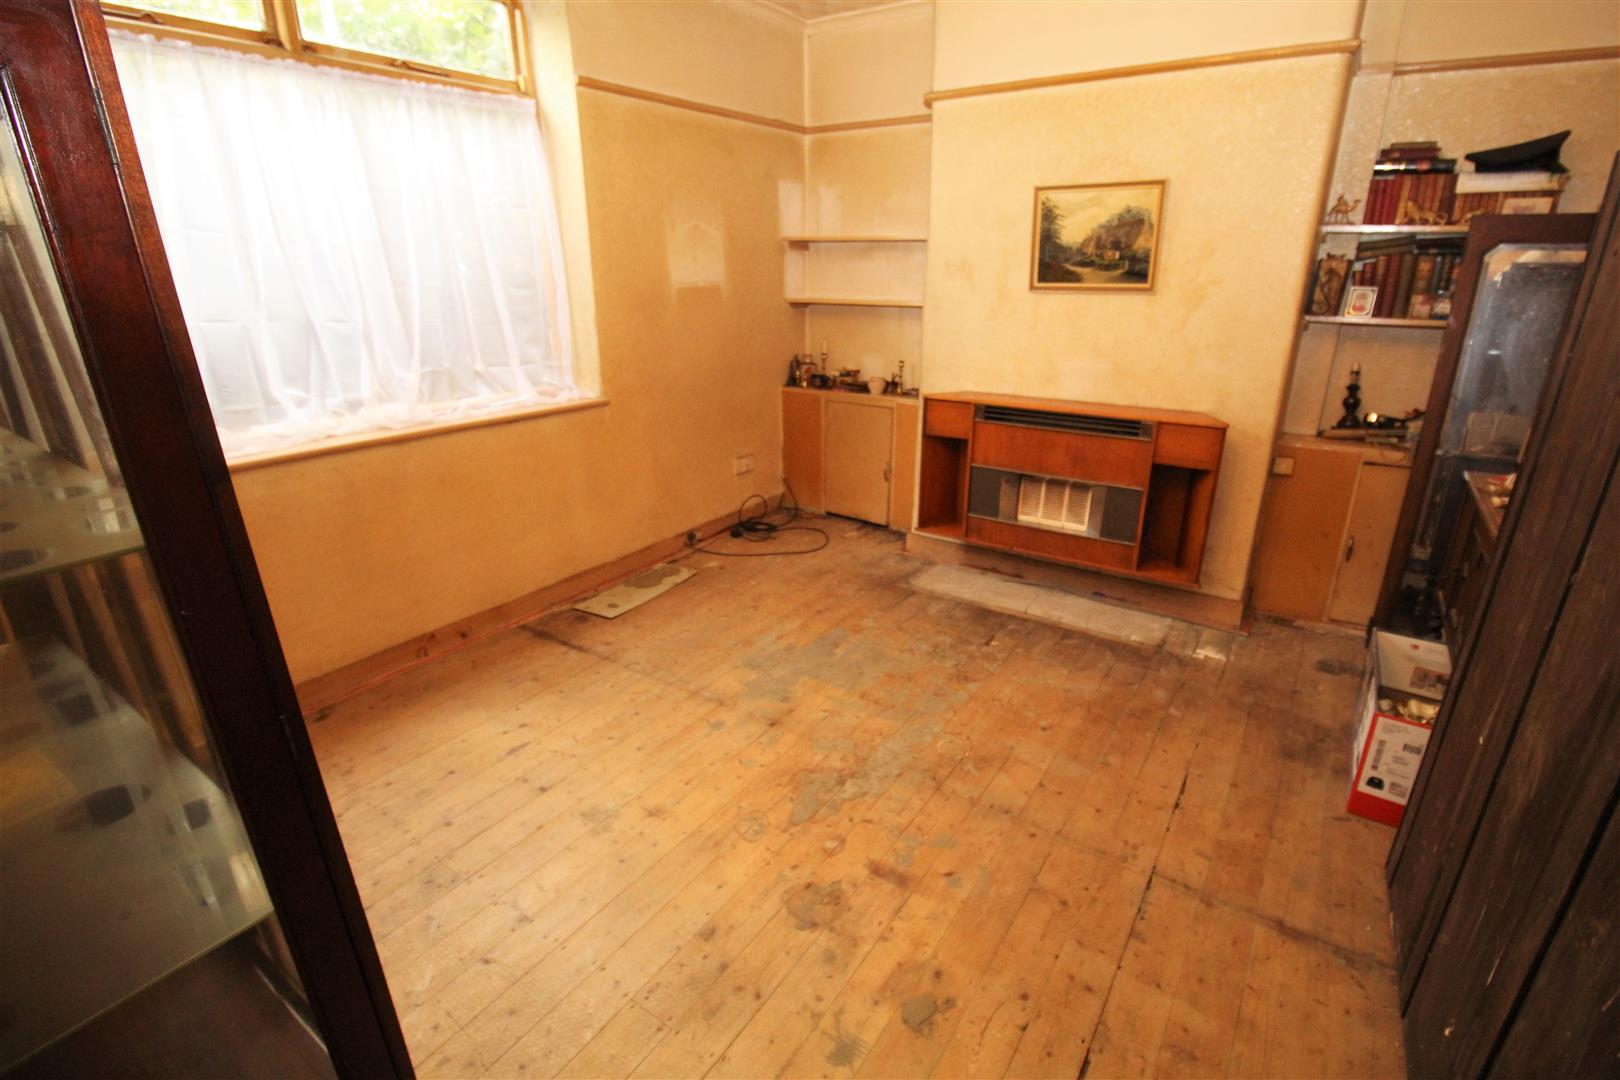 3 Bedrooms, House - Semi-Detached, Park Lane, Bootle